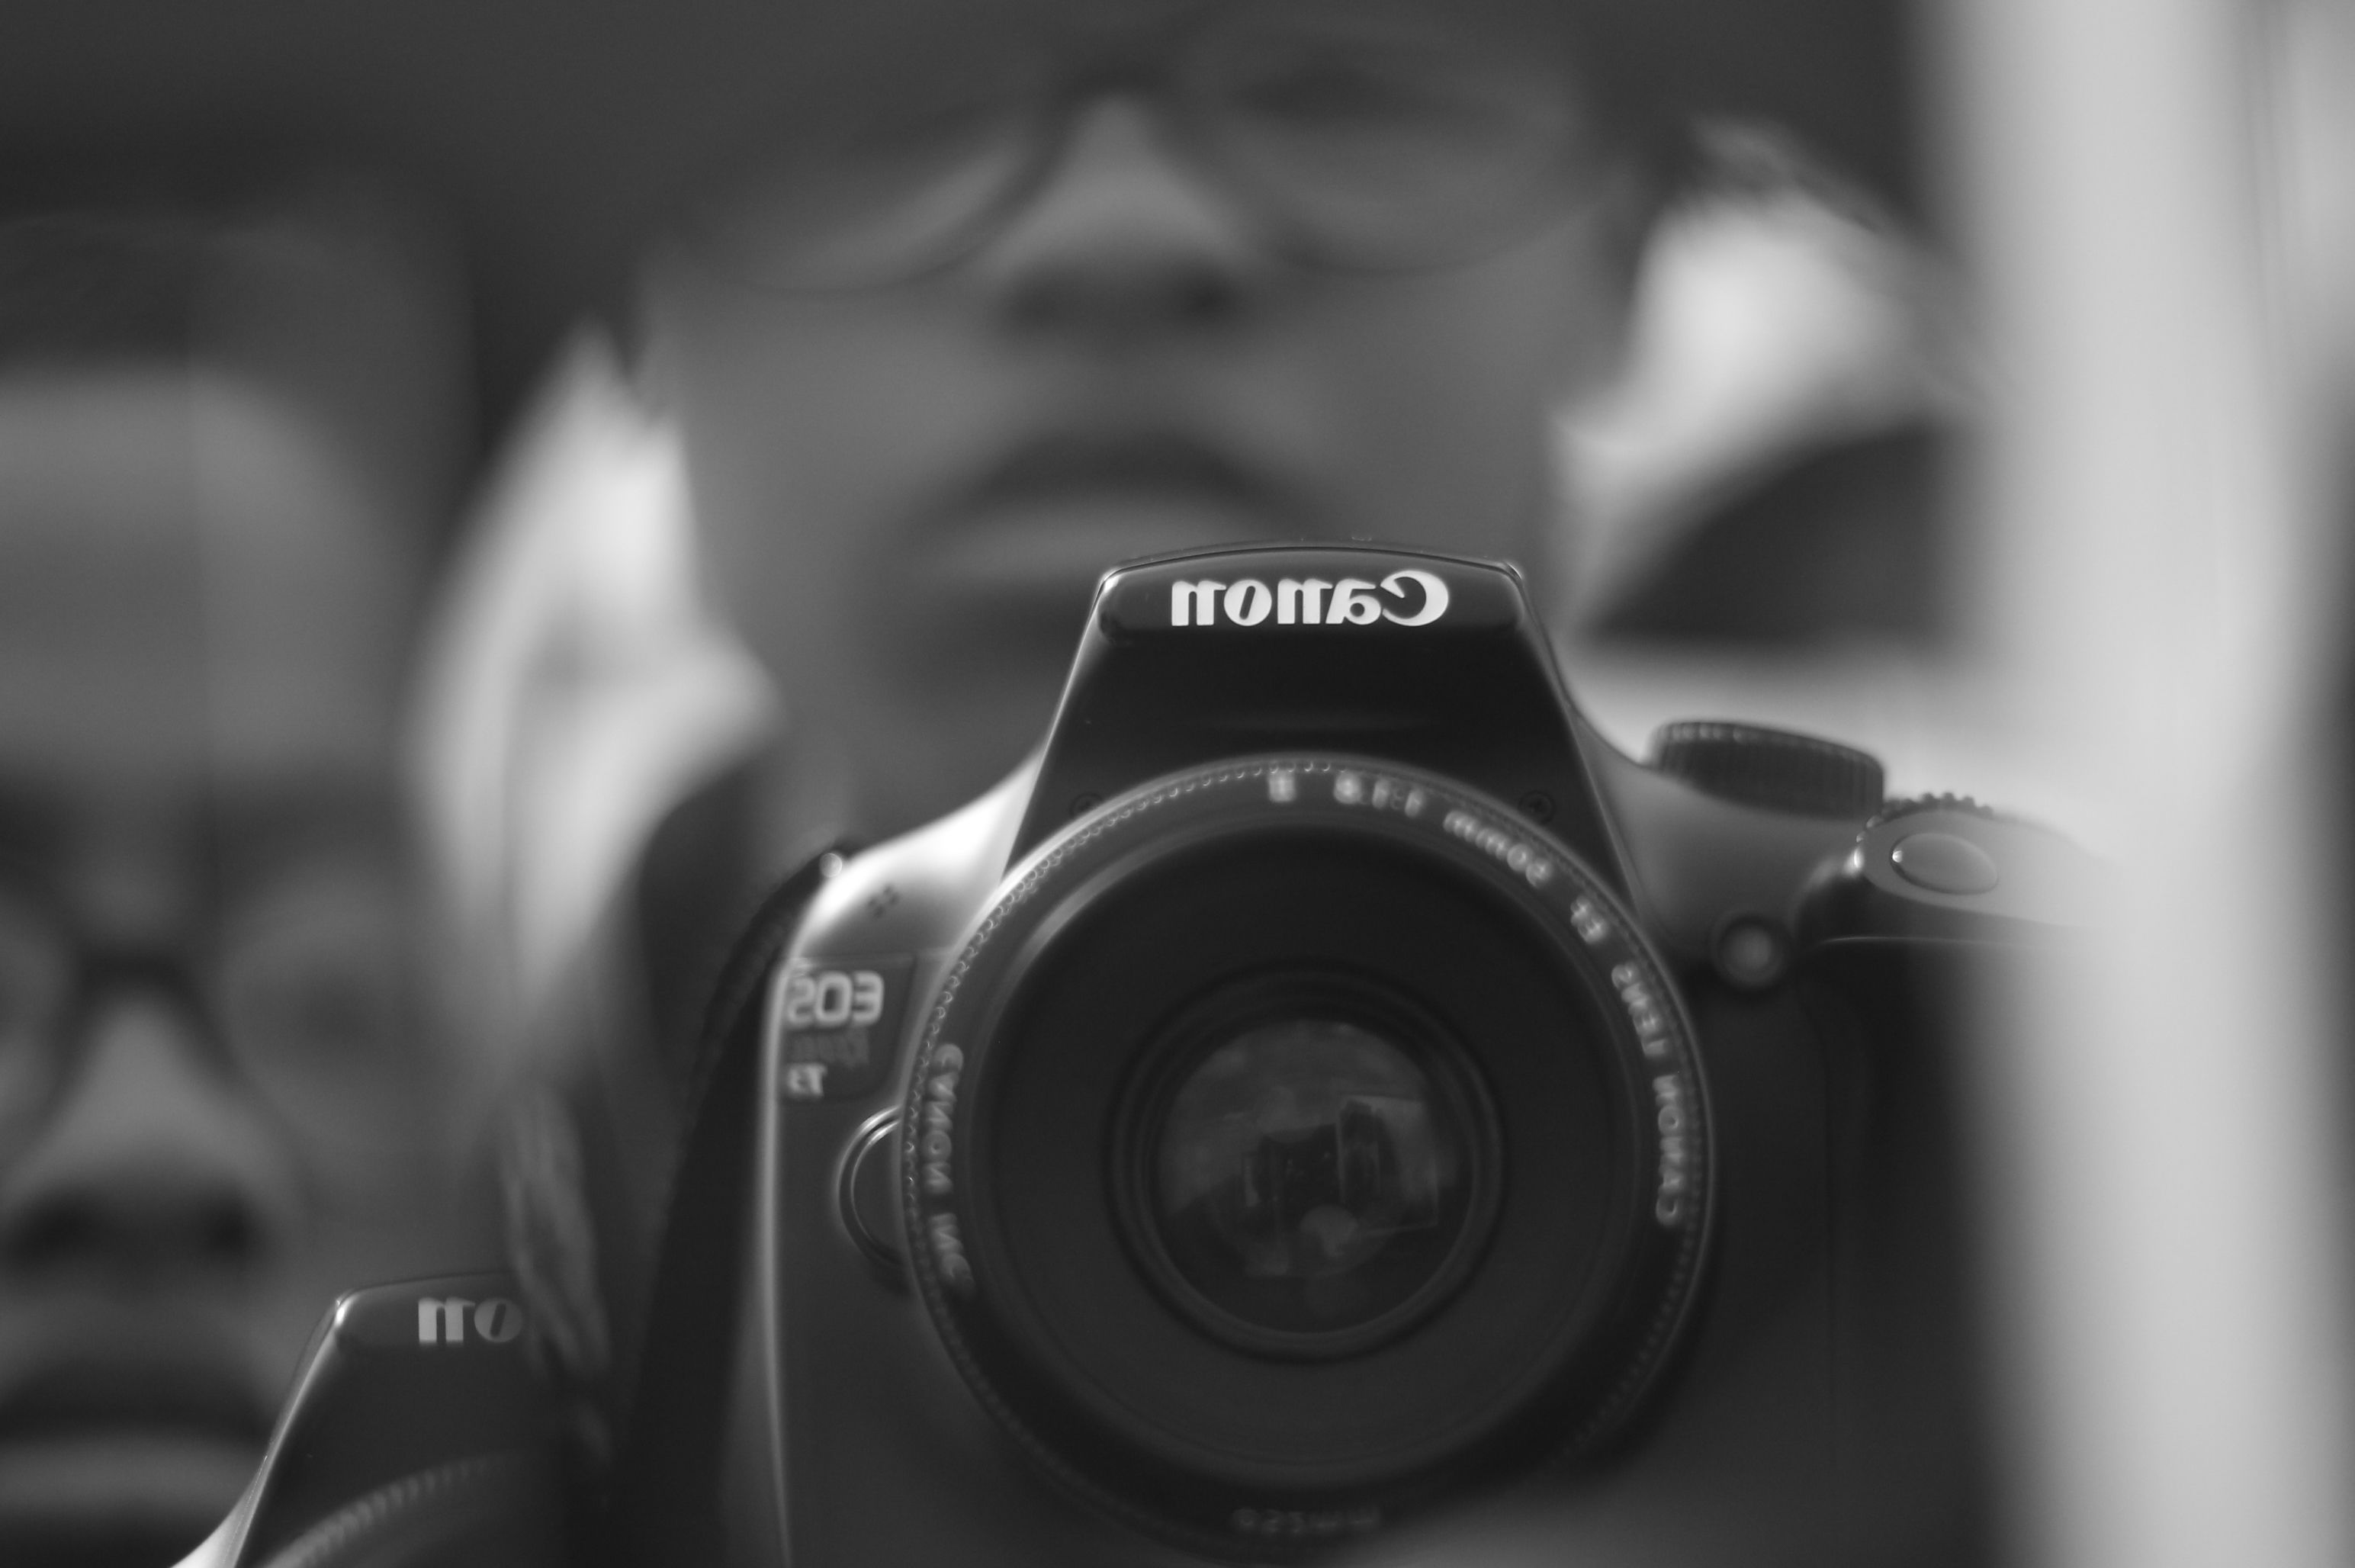 |espelho meu| |selfieportrait| |autorretrato| #espelho #mirror #autorretrato #selfieportrait #mulhernegra #blackwoman